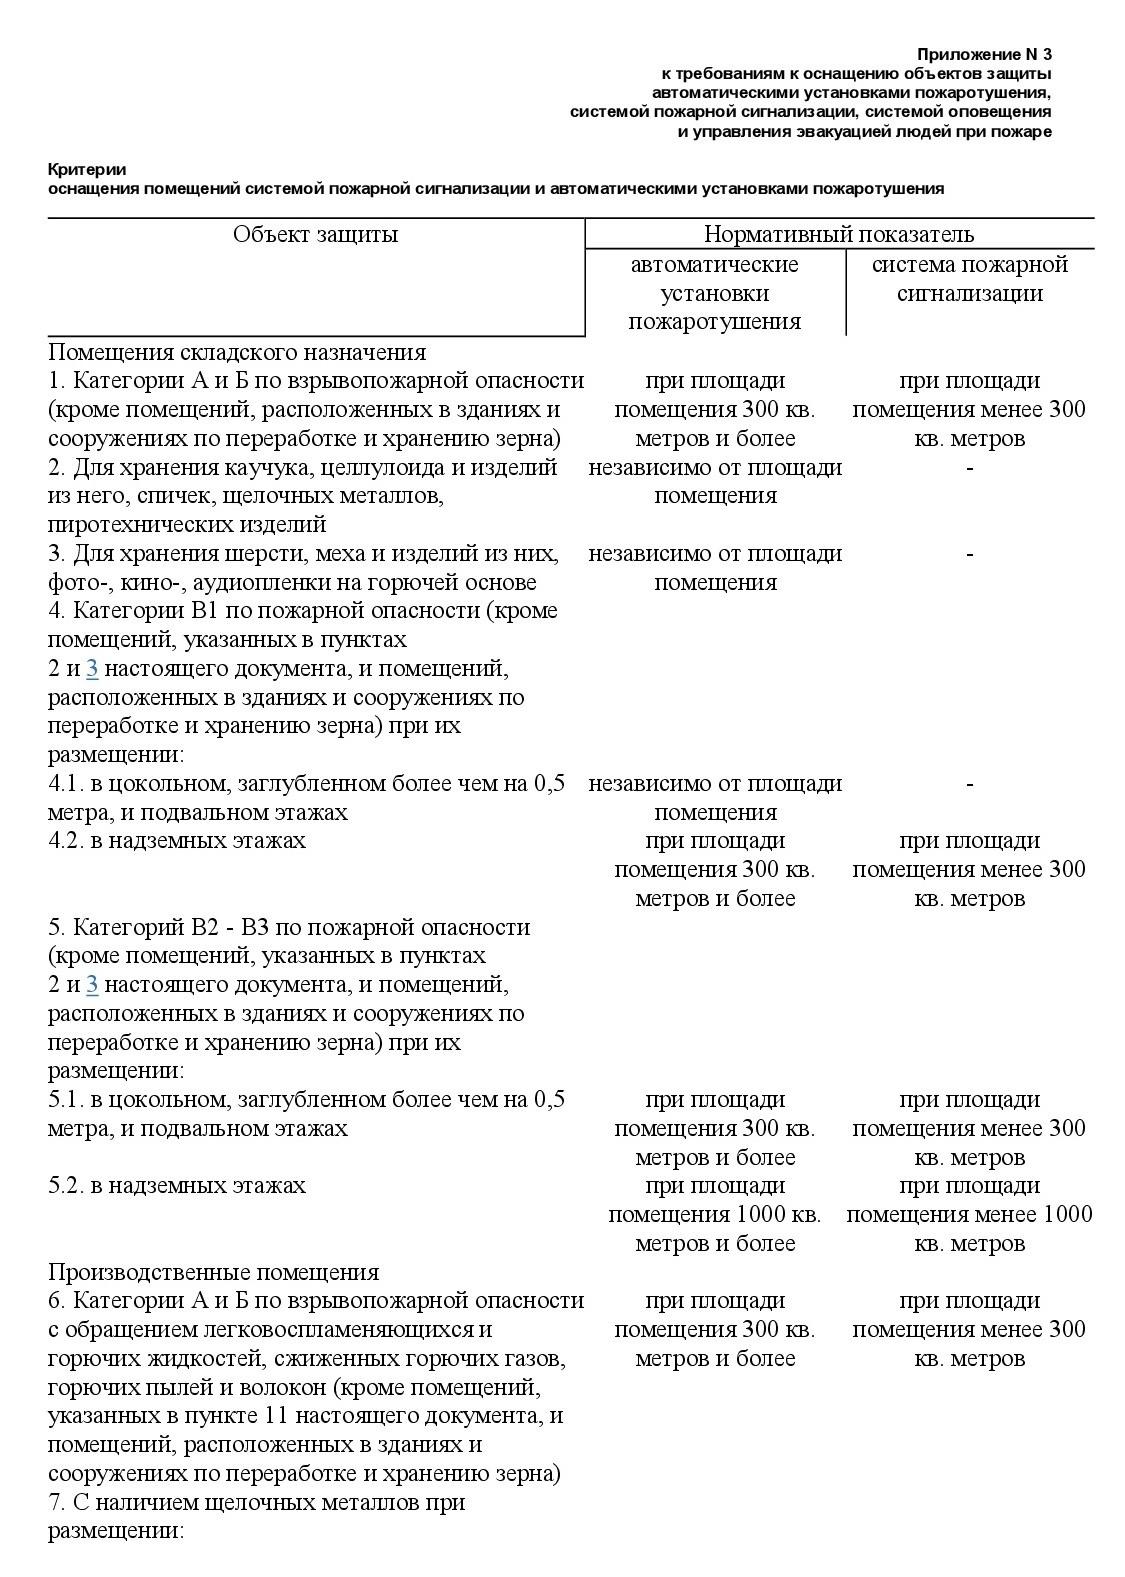 Постановление Правительства от 01.09.2021 №1464 5